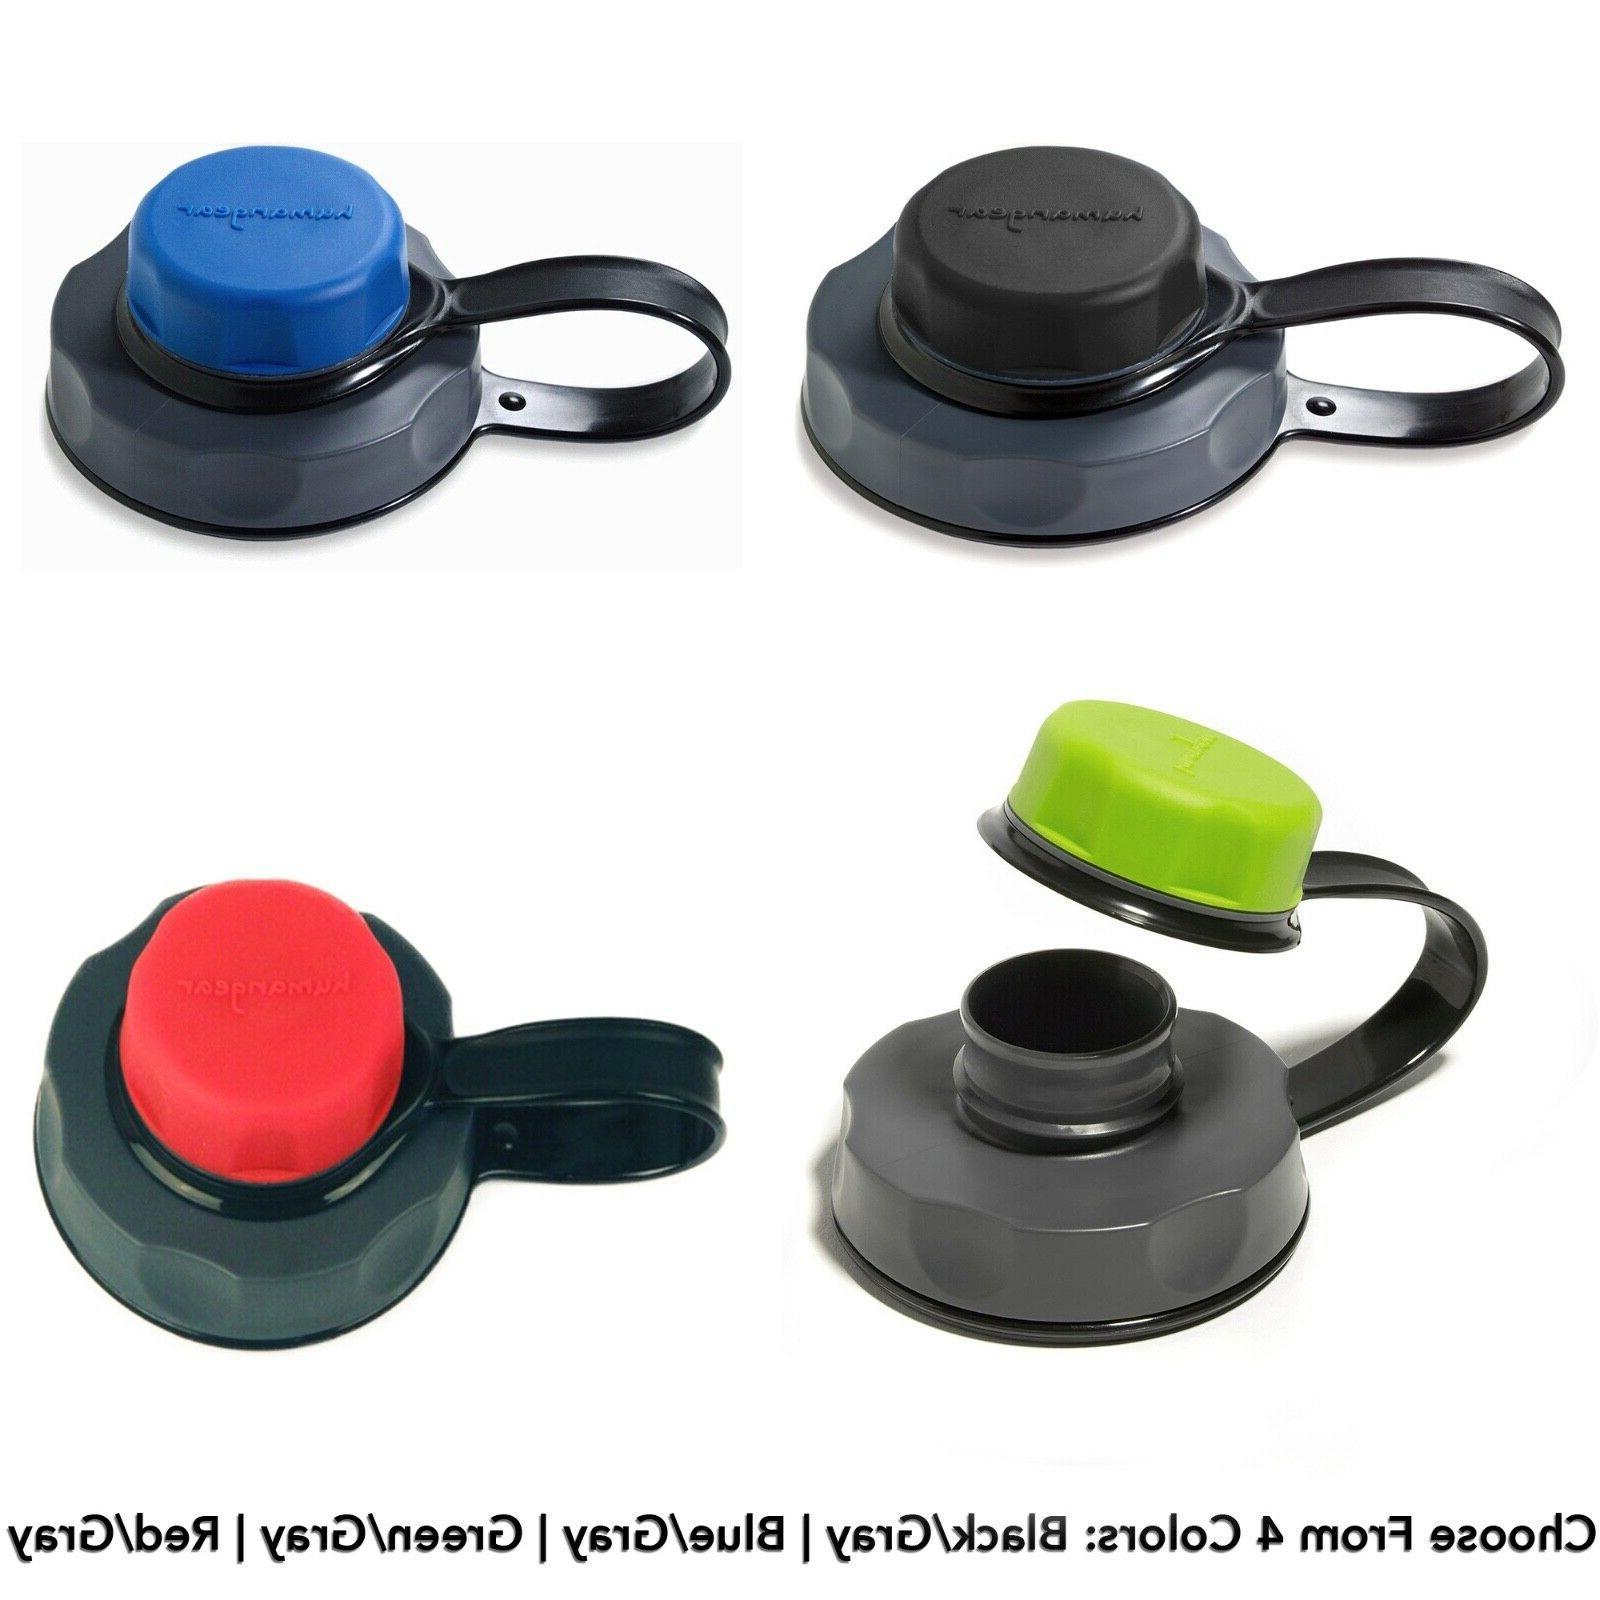 capcap 2 in 1 cap for water